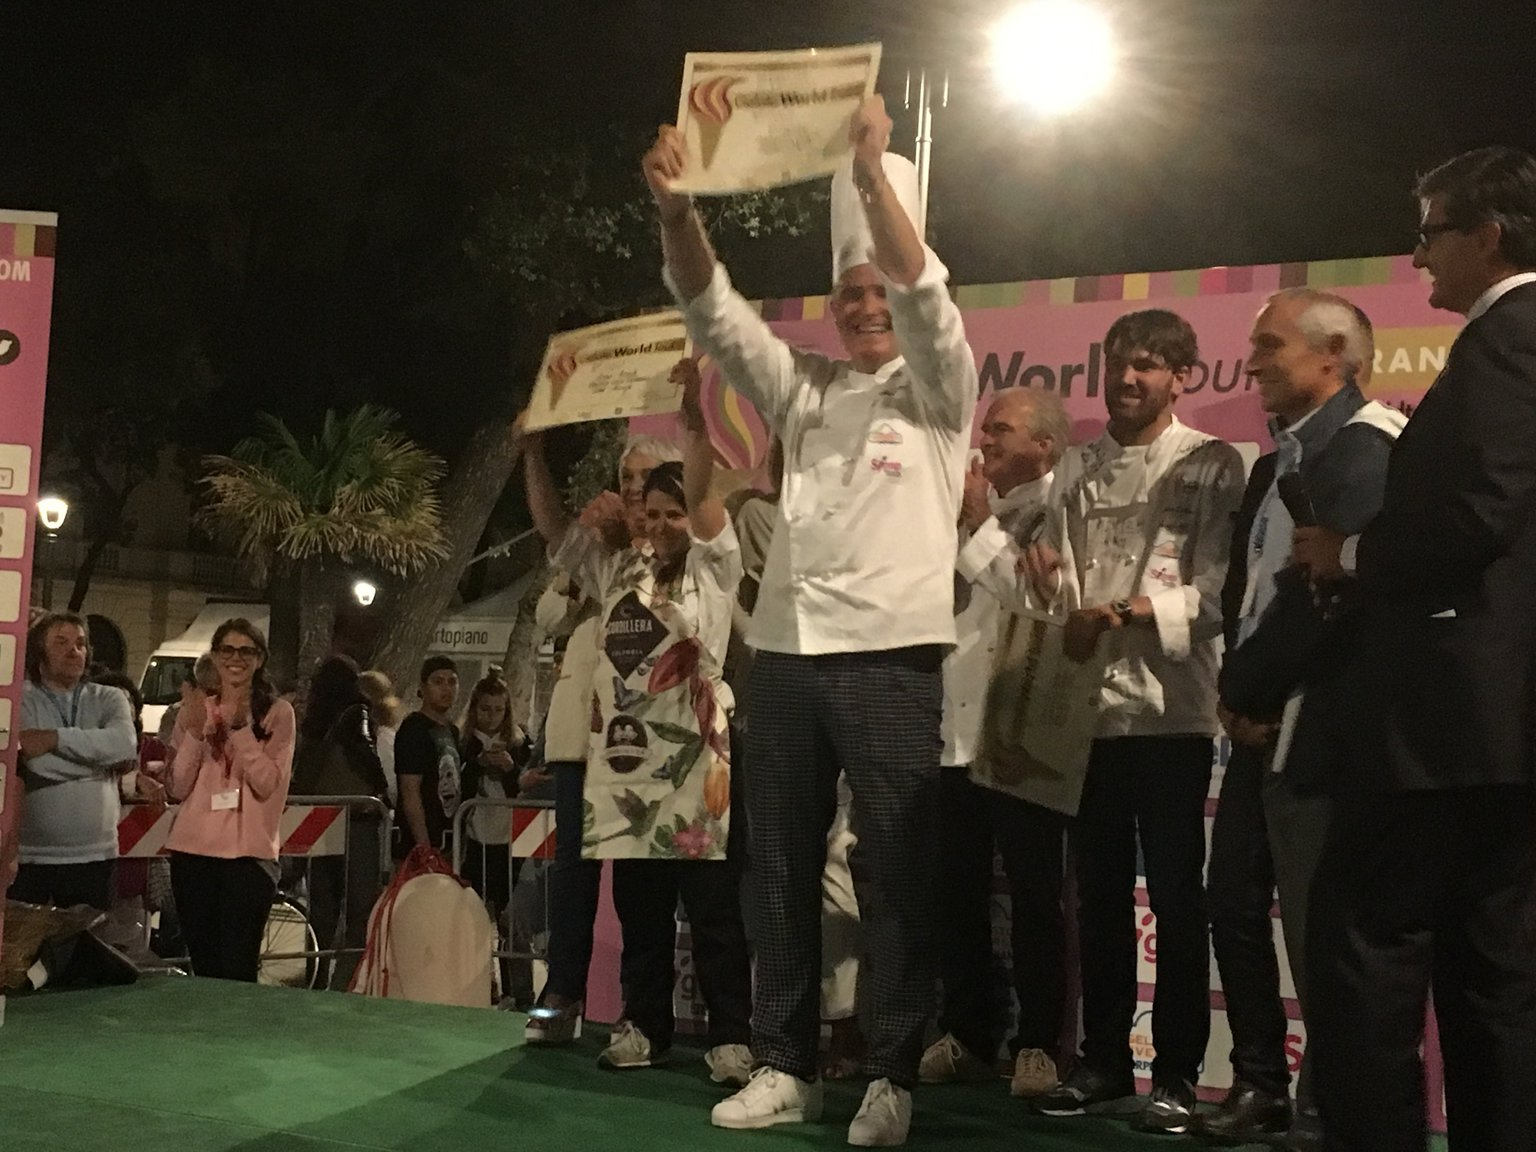 Gelato World Tour - Crispini durante la premiazione